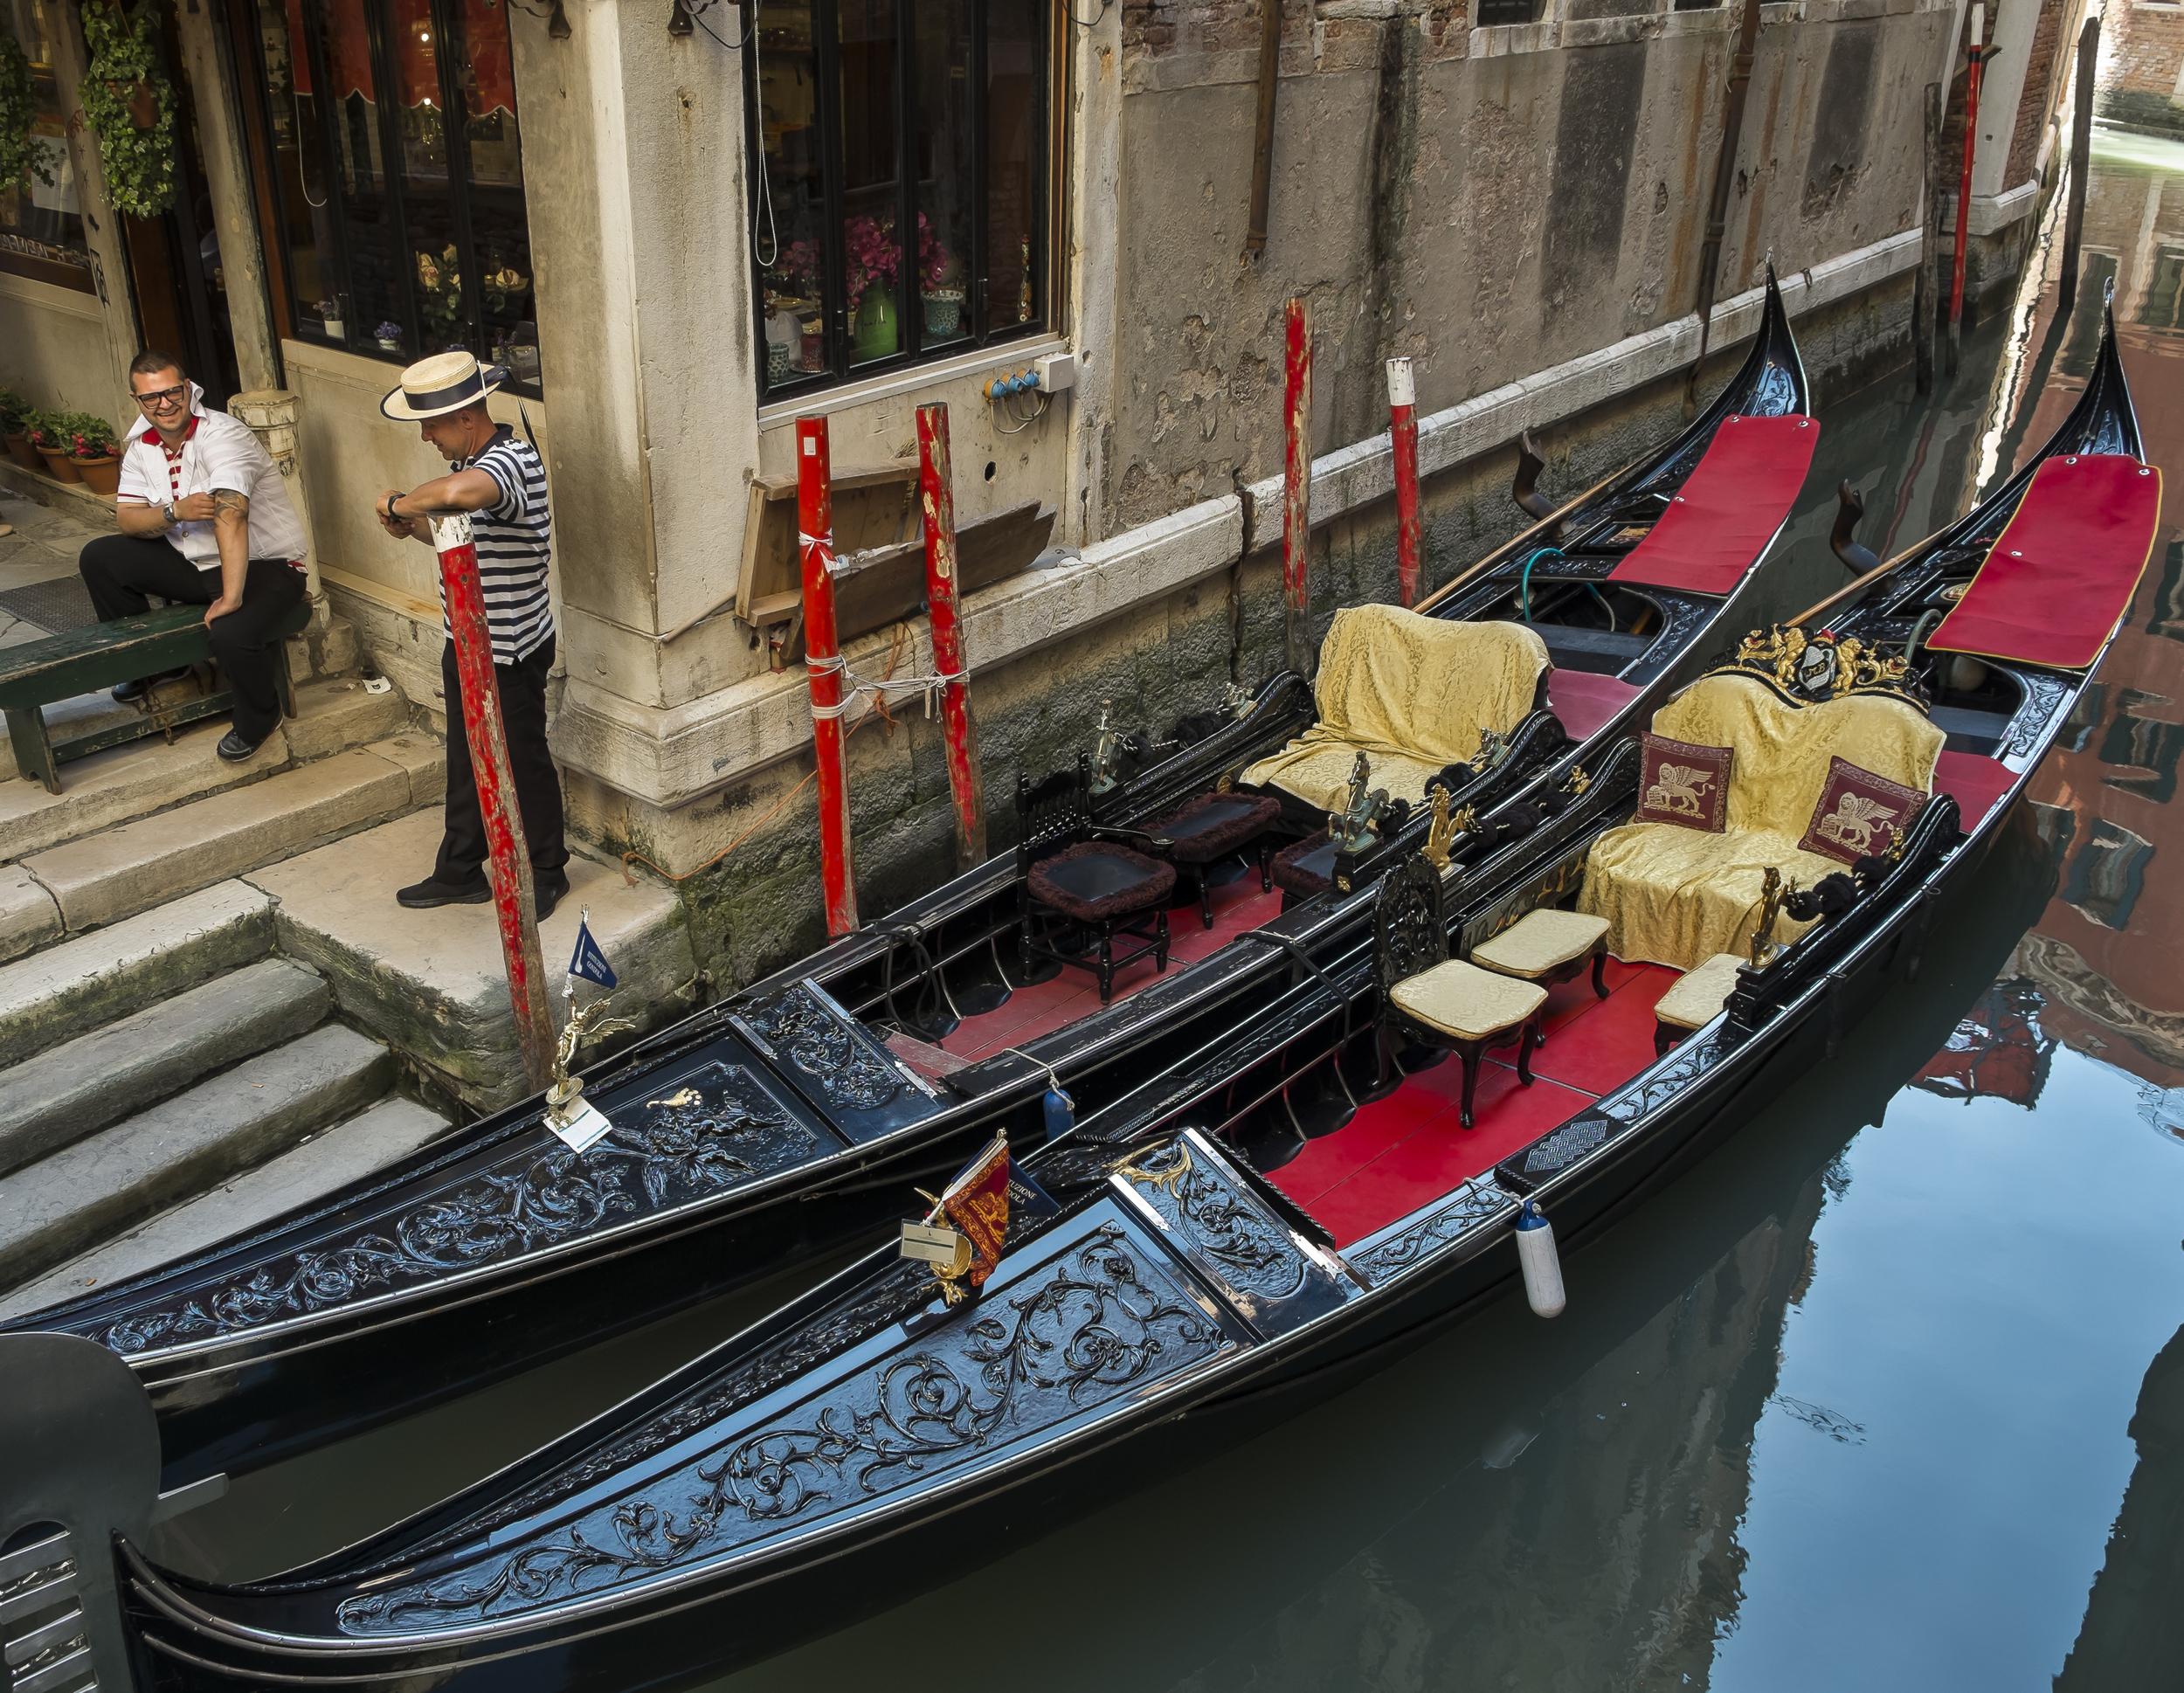 Venice-TwoGondoliers-20140525-DSCF6281.jpg